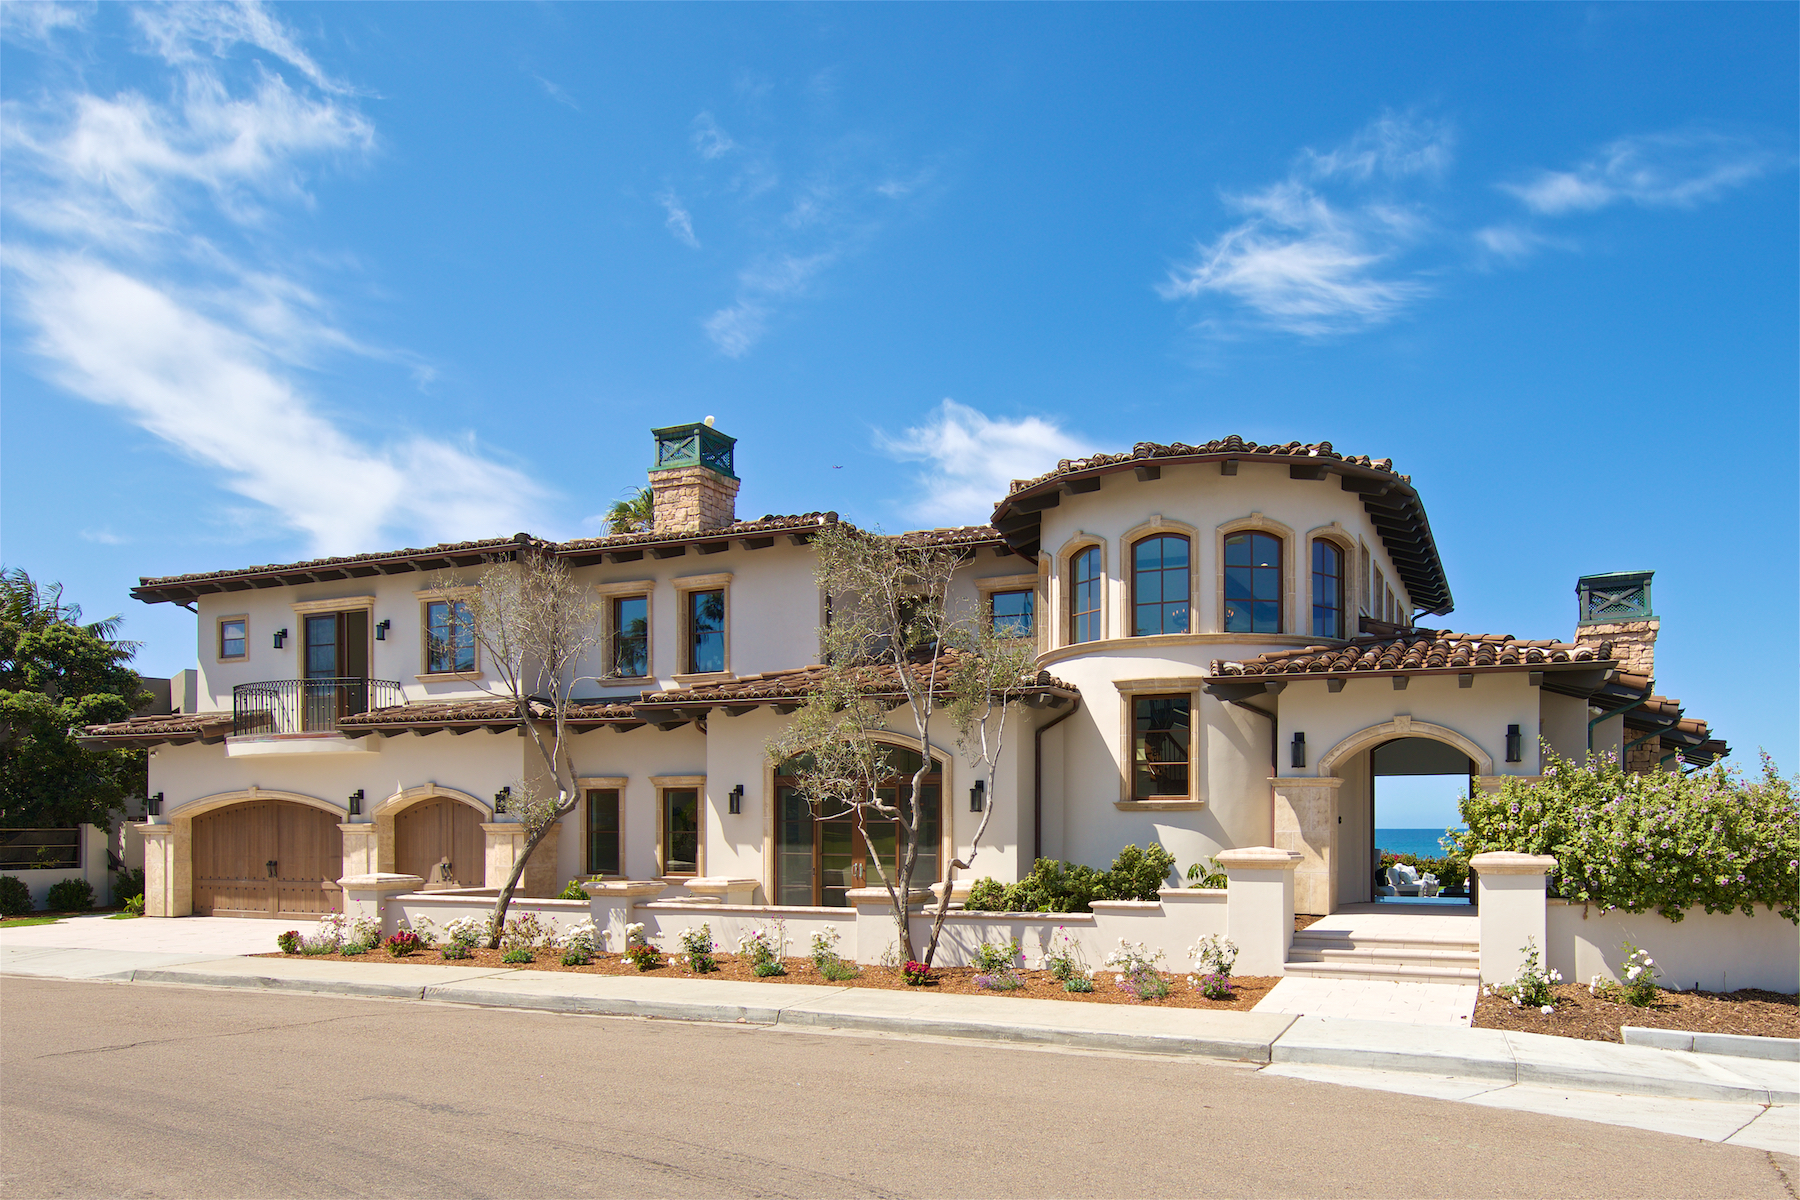 단독 가정 주택 용 매매 에 5490 Calumet Avenue La Jolla, 캘리포니아, 92037 미국